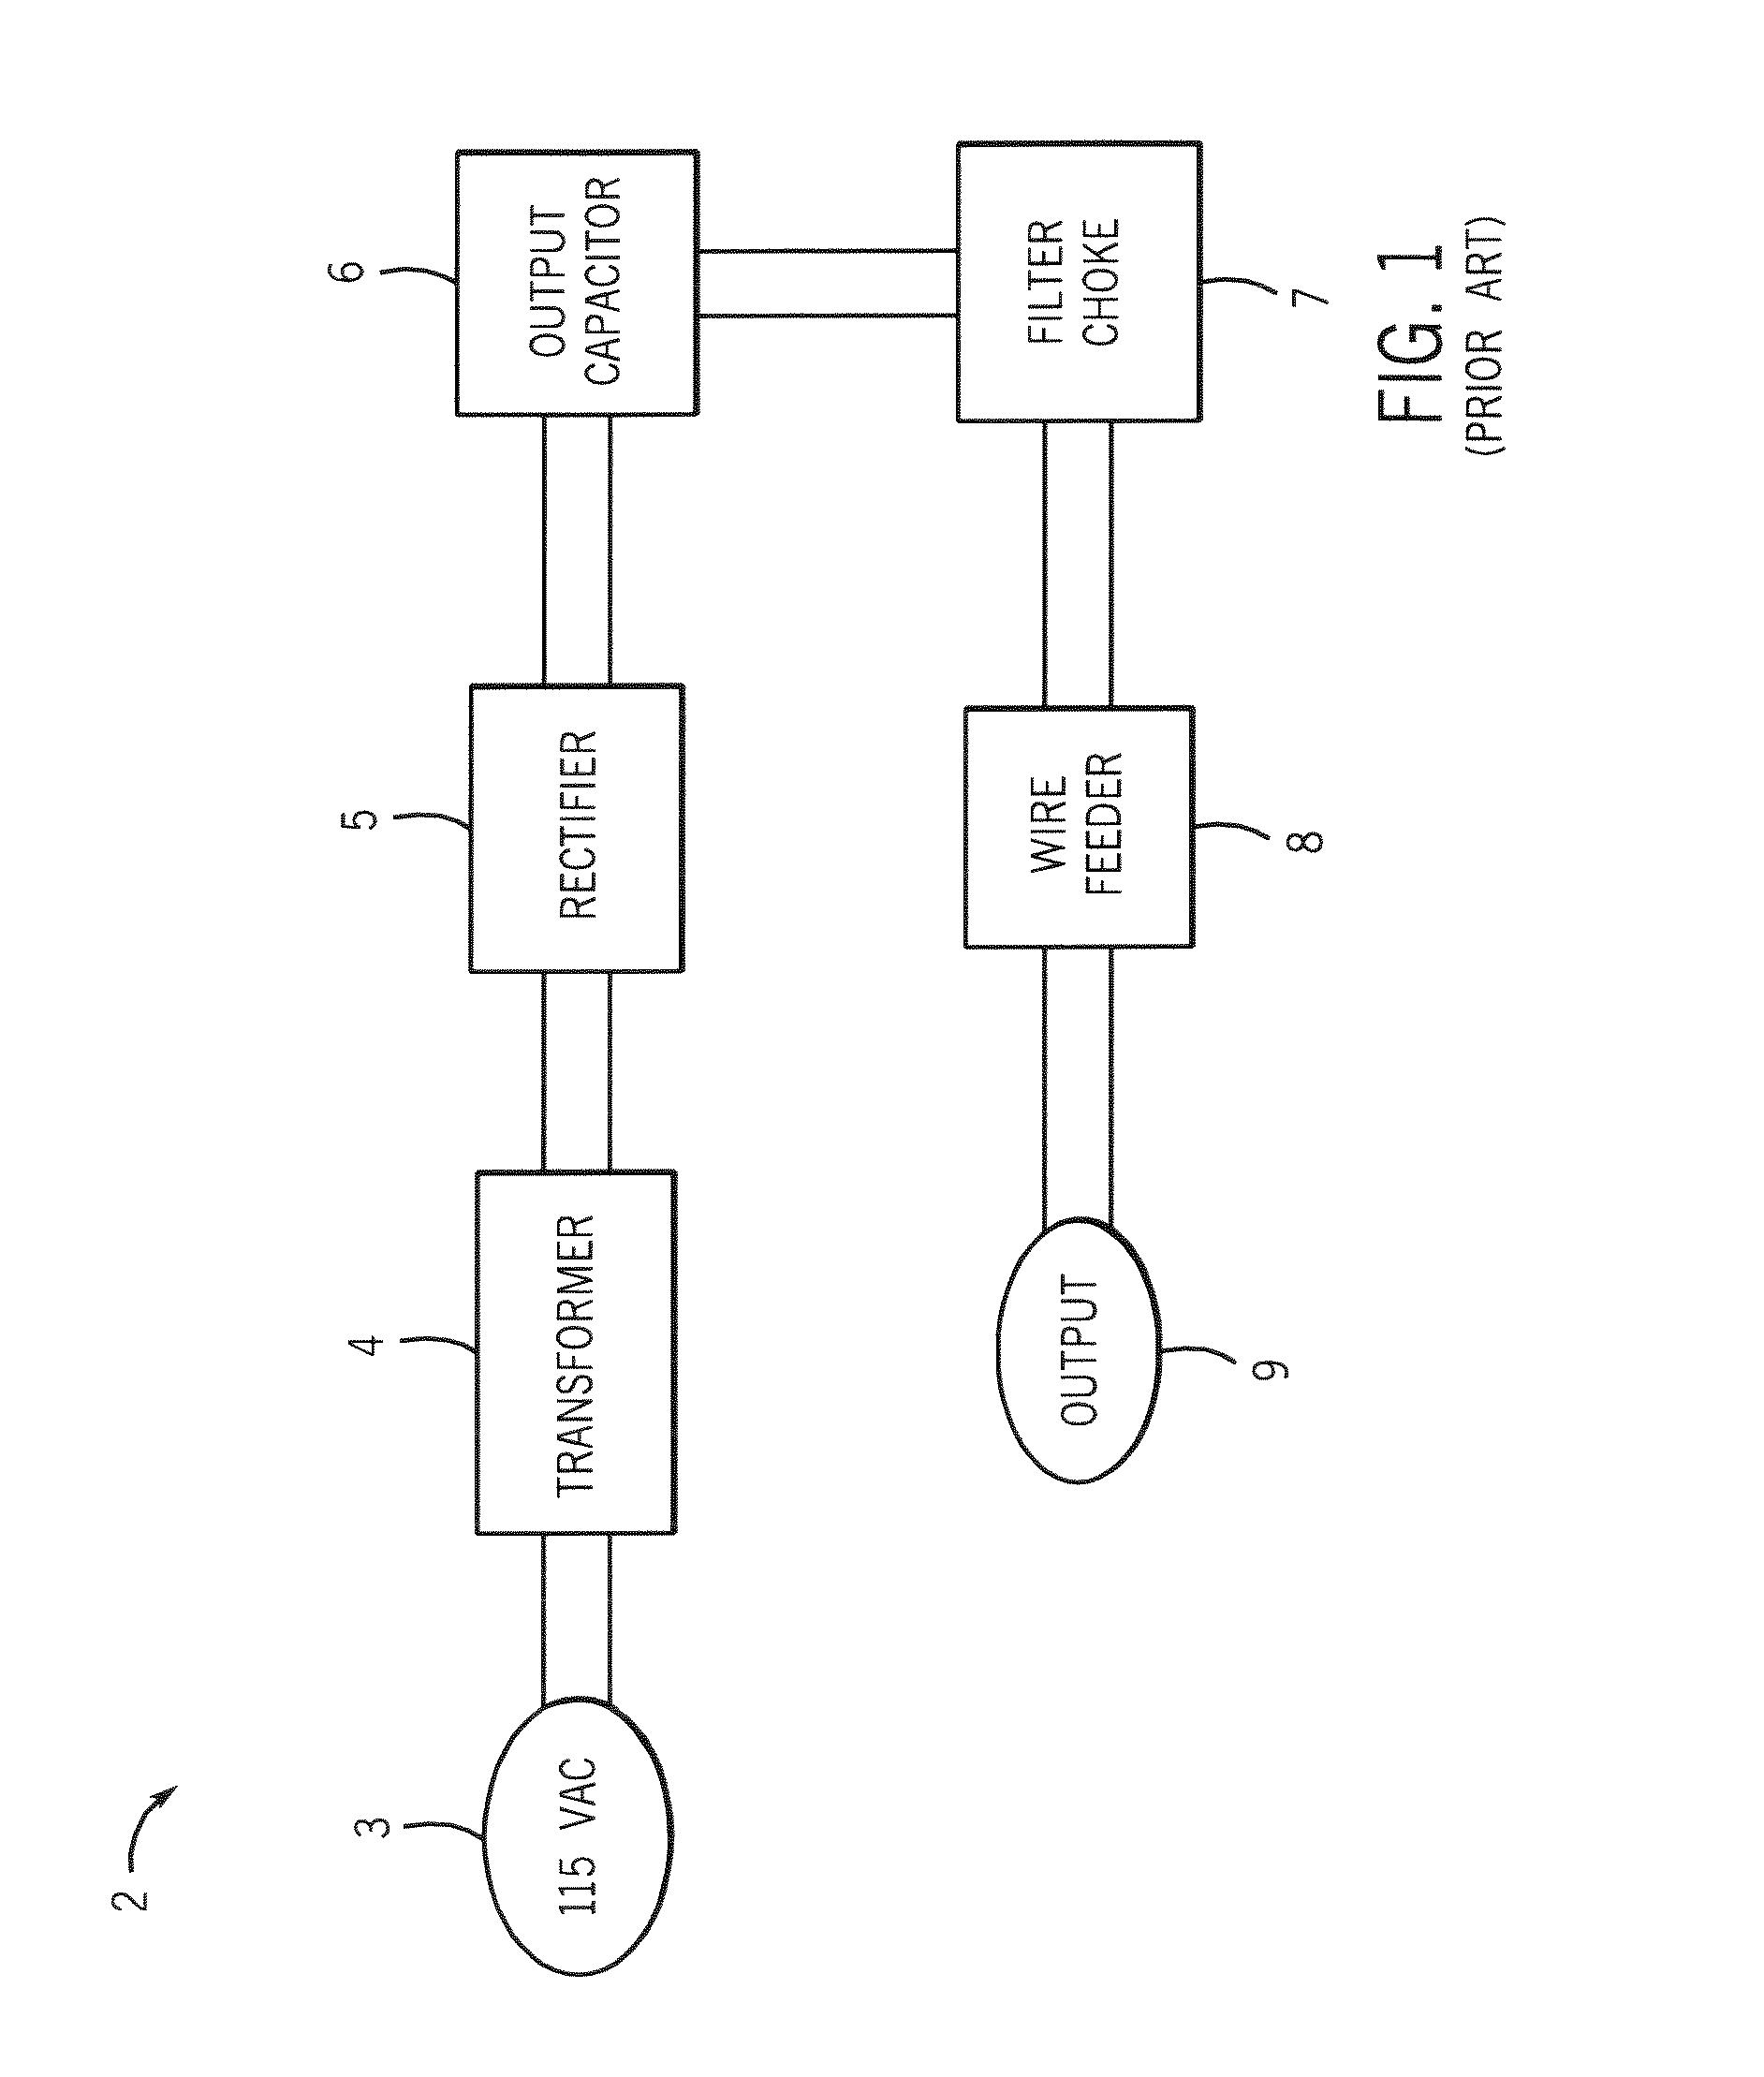 patent us7767933